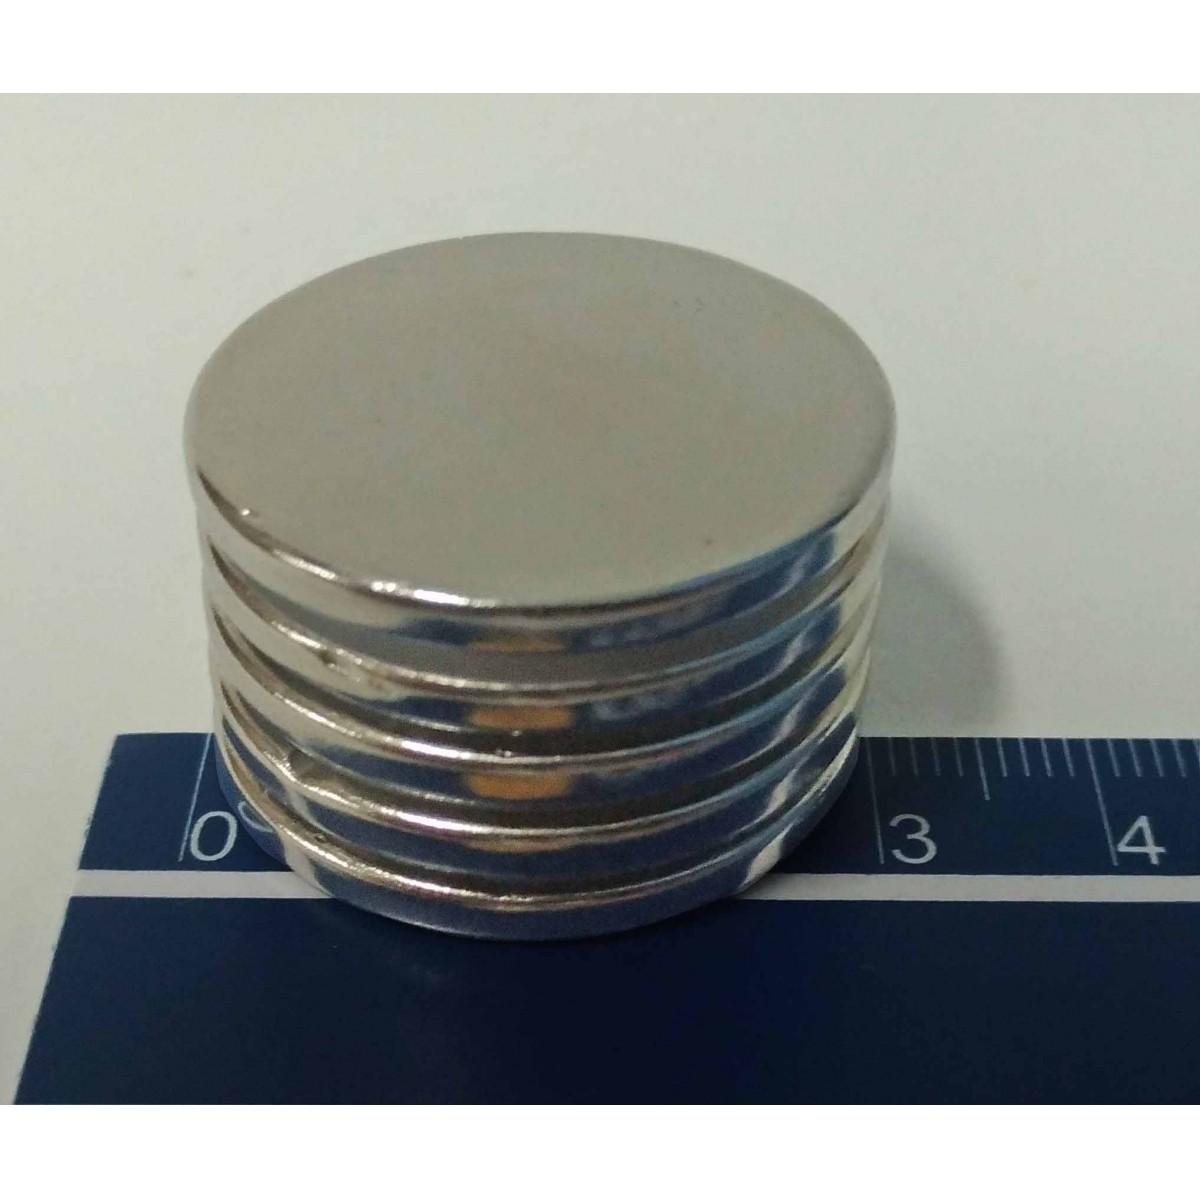 Imã De Neodímio / Super Forte / 30mm X 3mm * 5 Peças